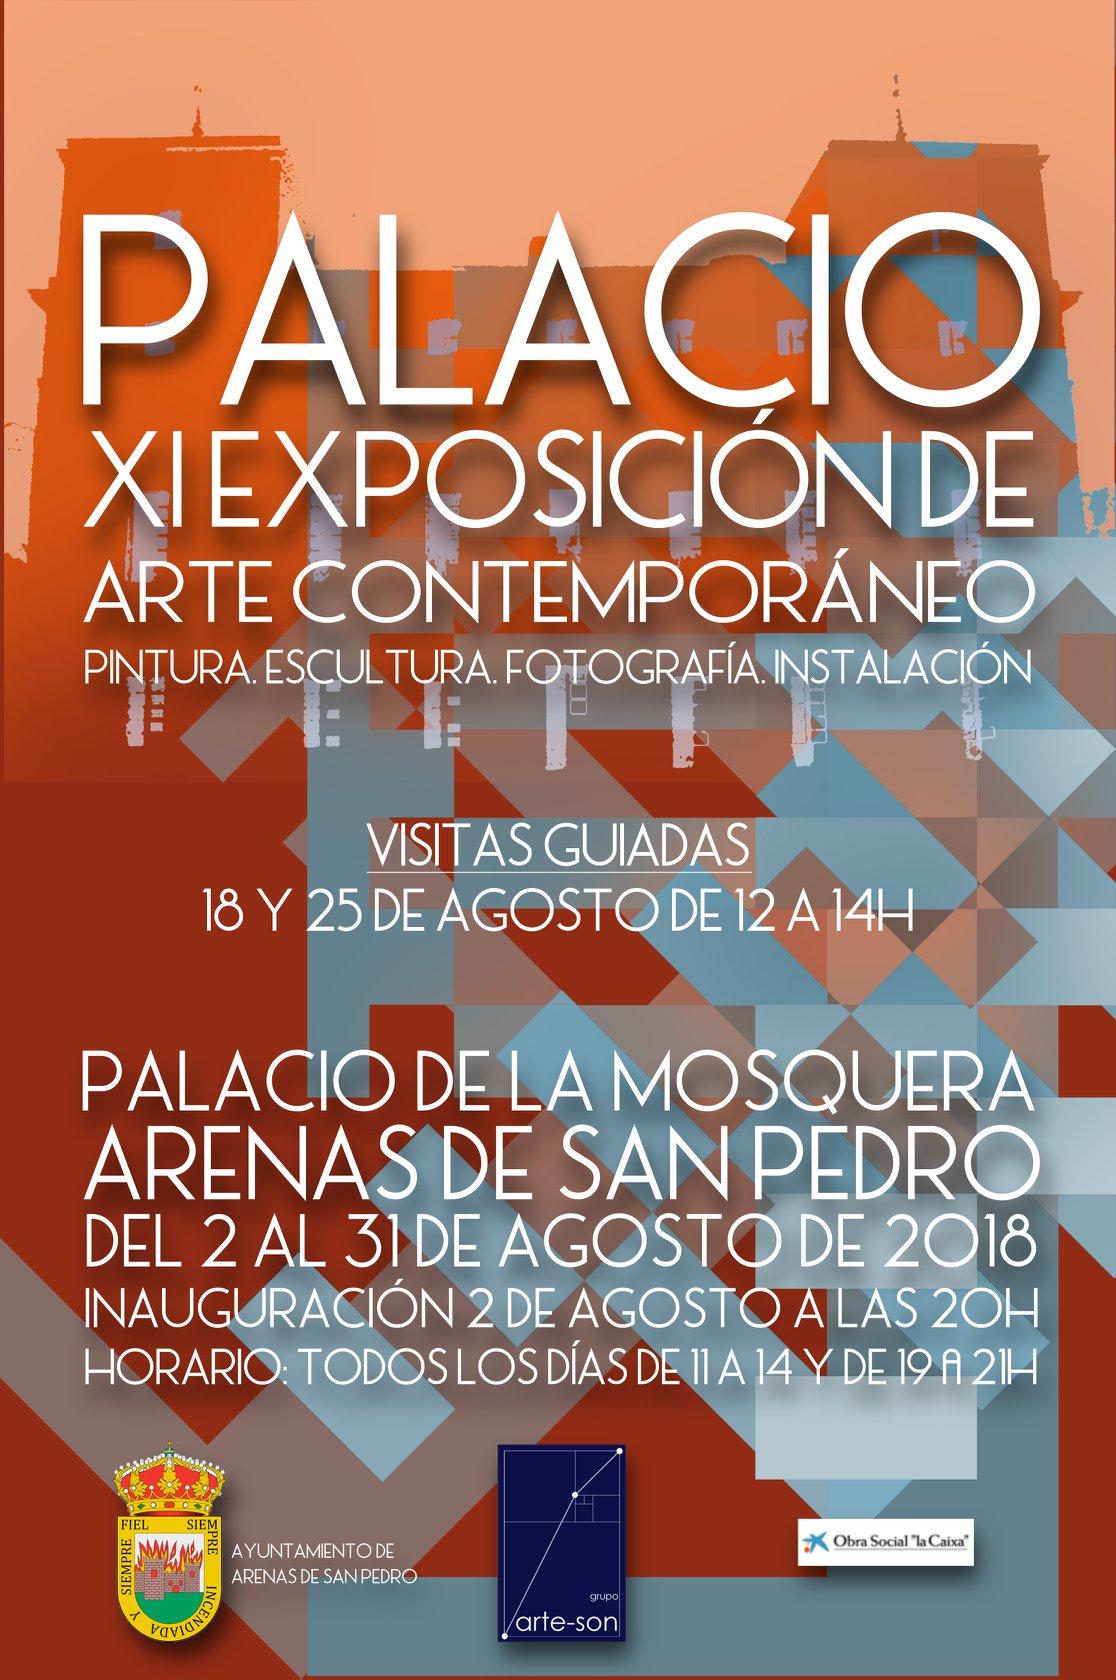 Exposición Arte Contemporáneo Palacio11 - Arenas de San Pedro - TiétarTeVe